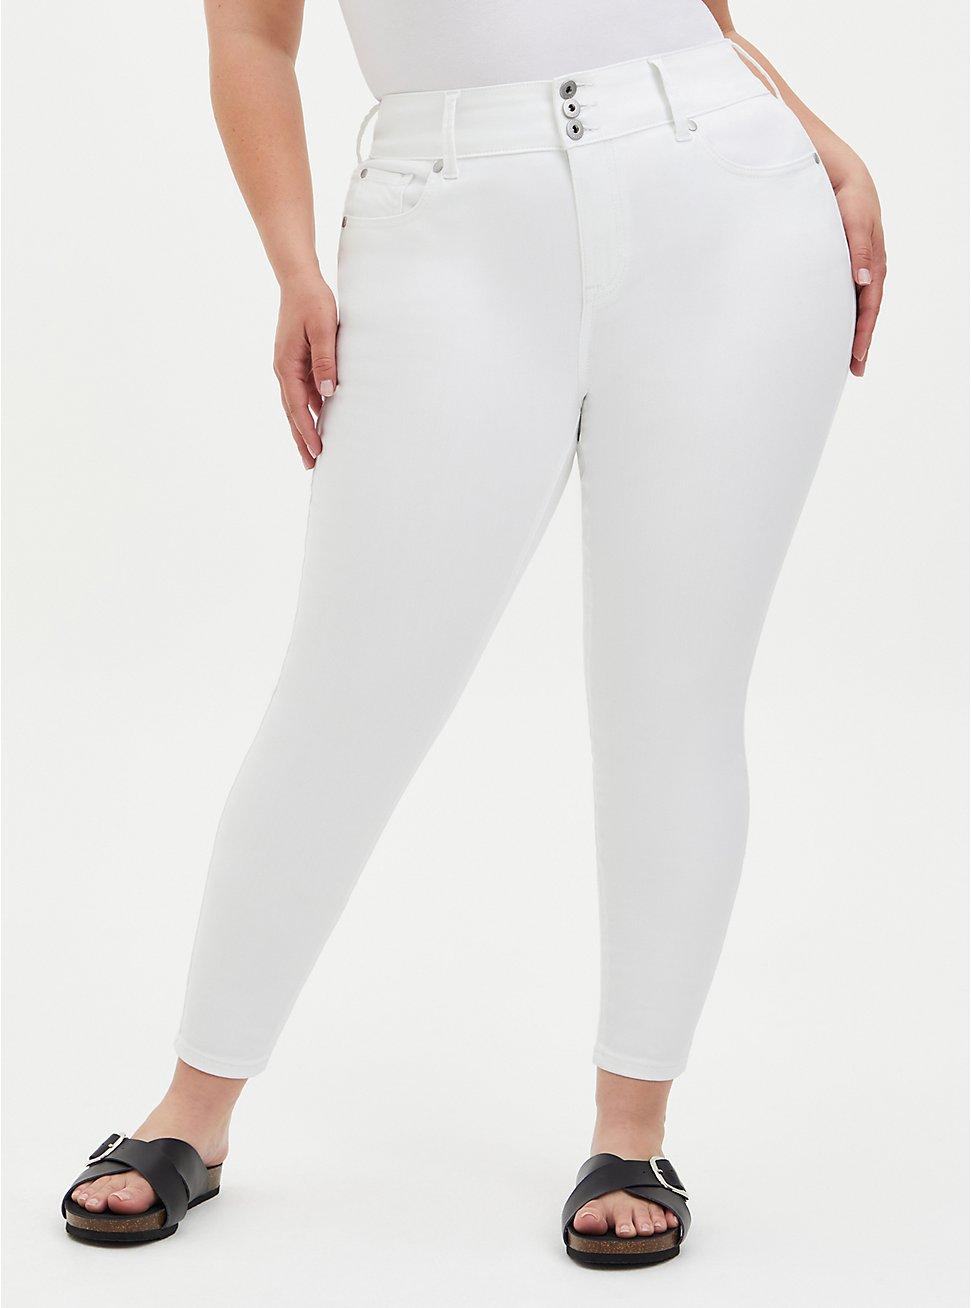 Jegging - Super Soft White , OPTIC WHITE, hi-res